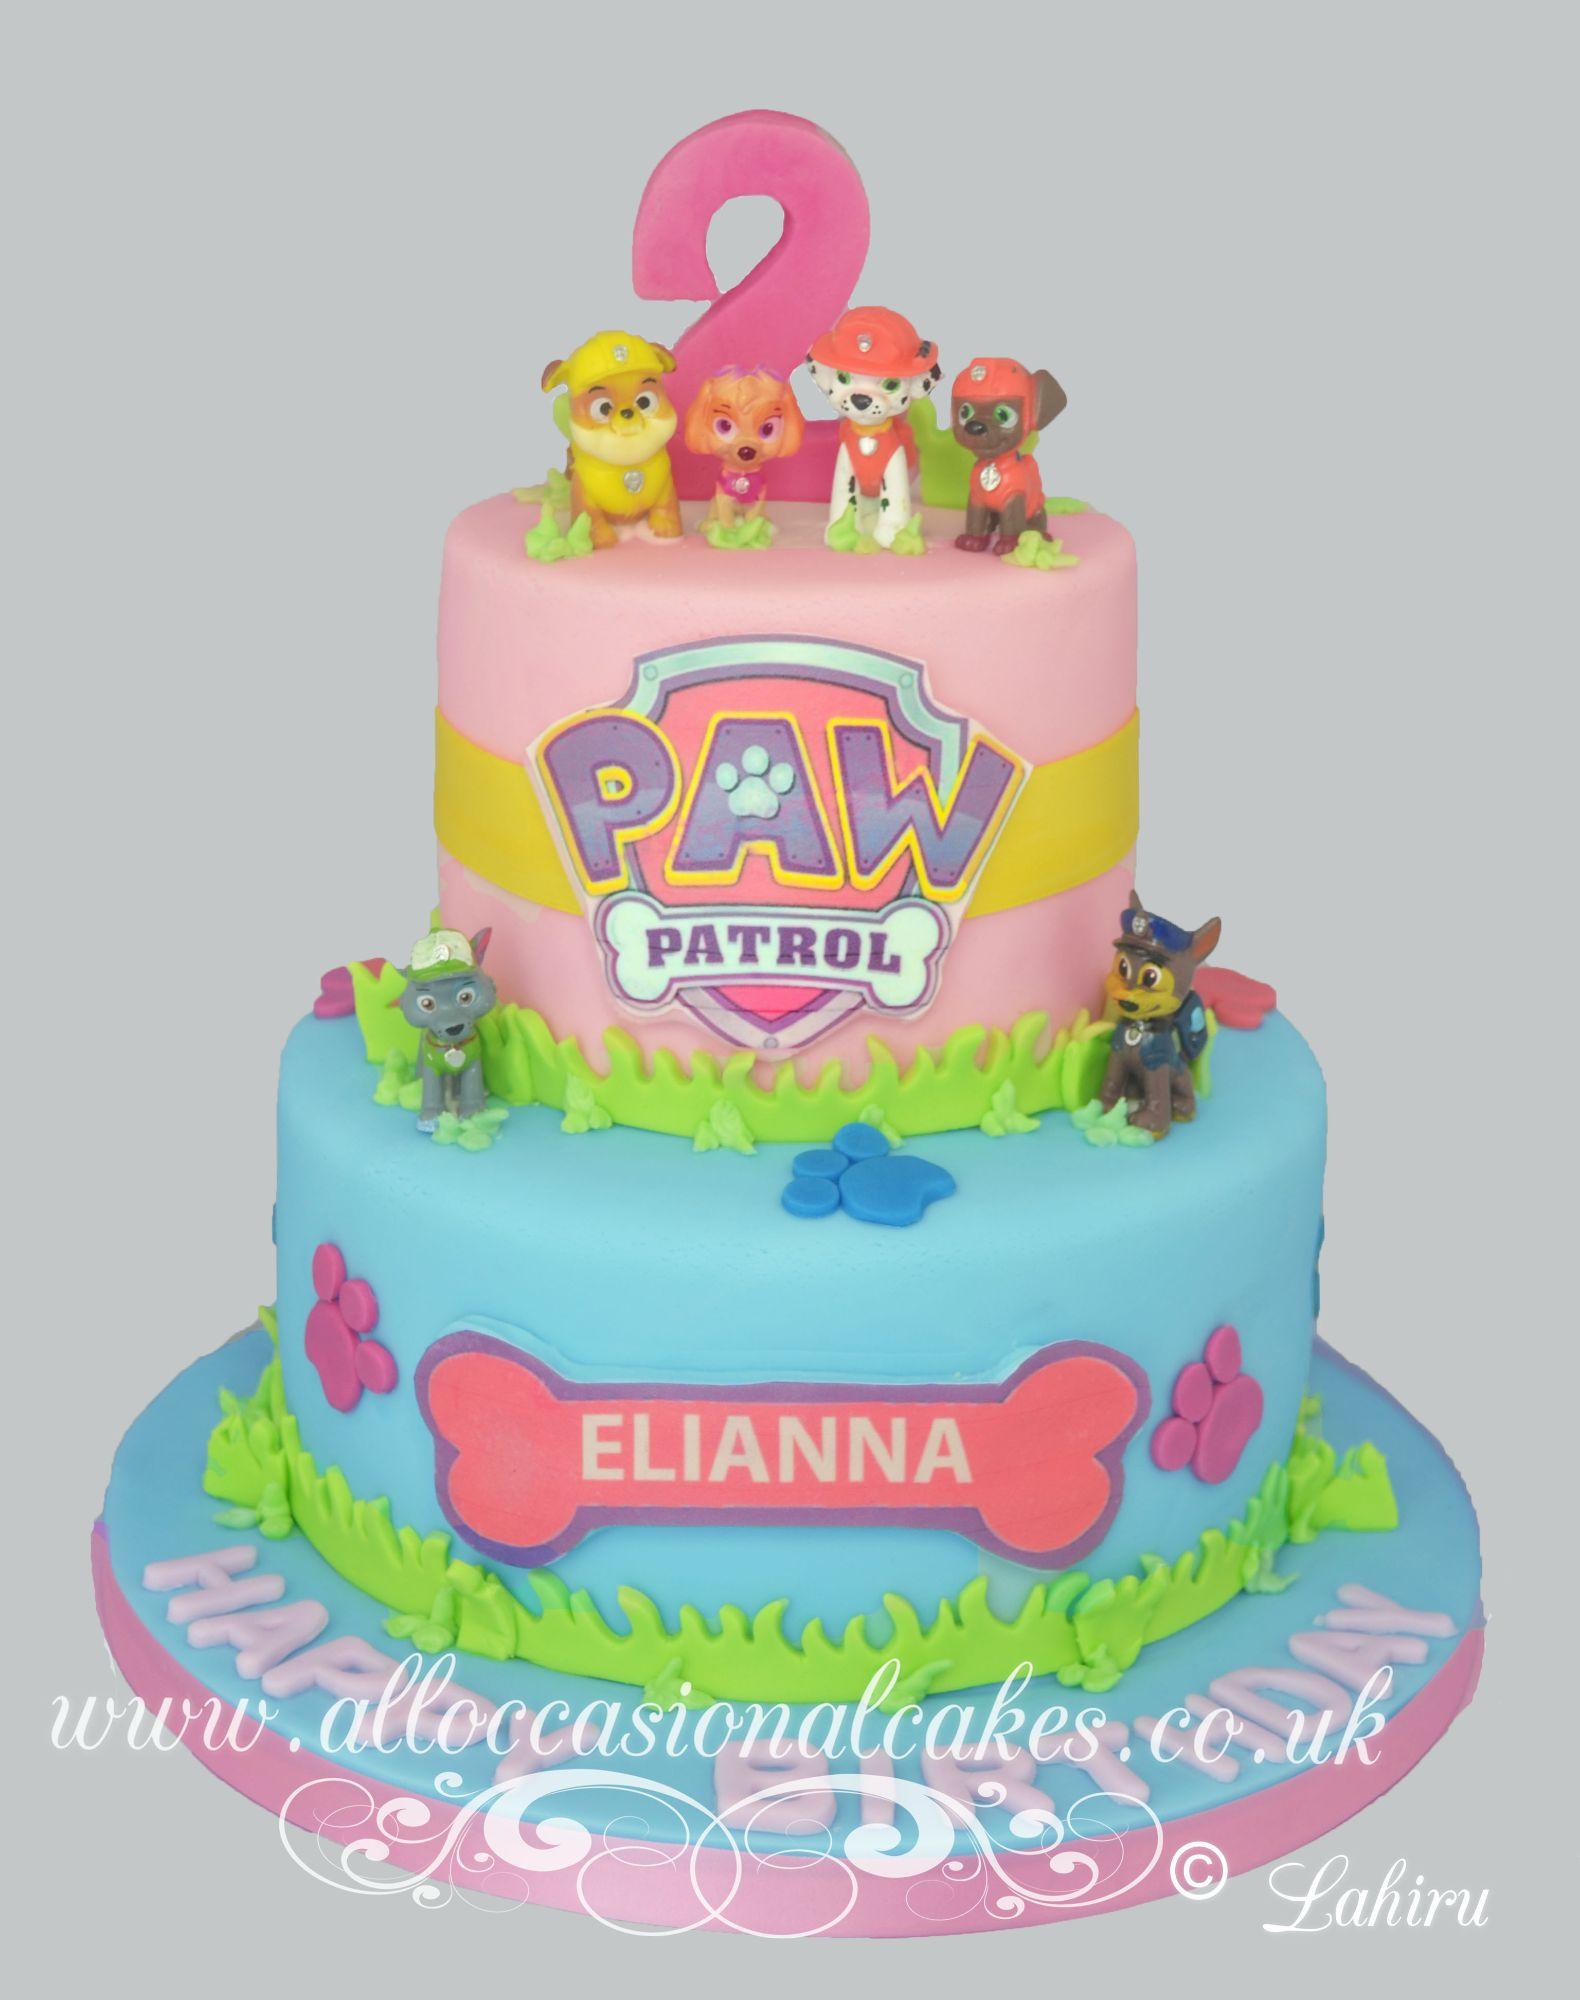 paw patrol theme birthday cake